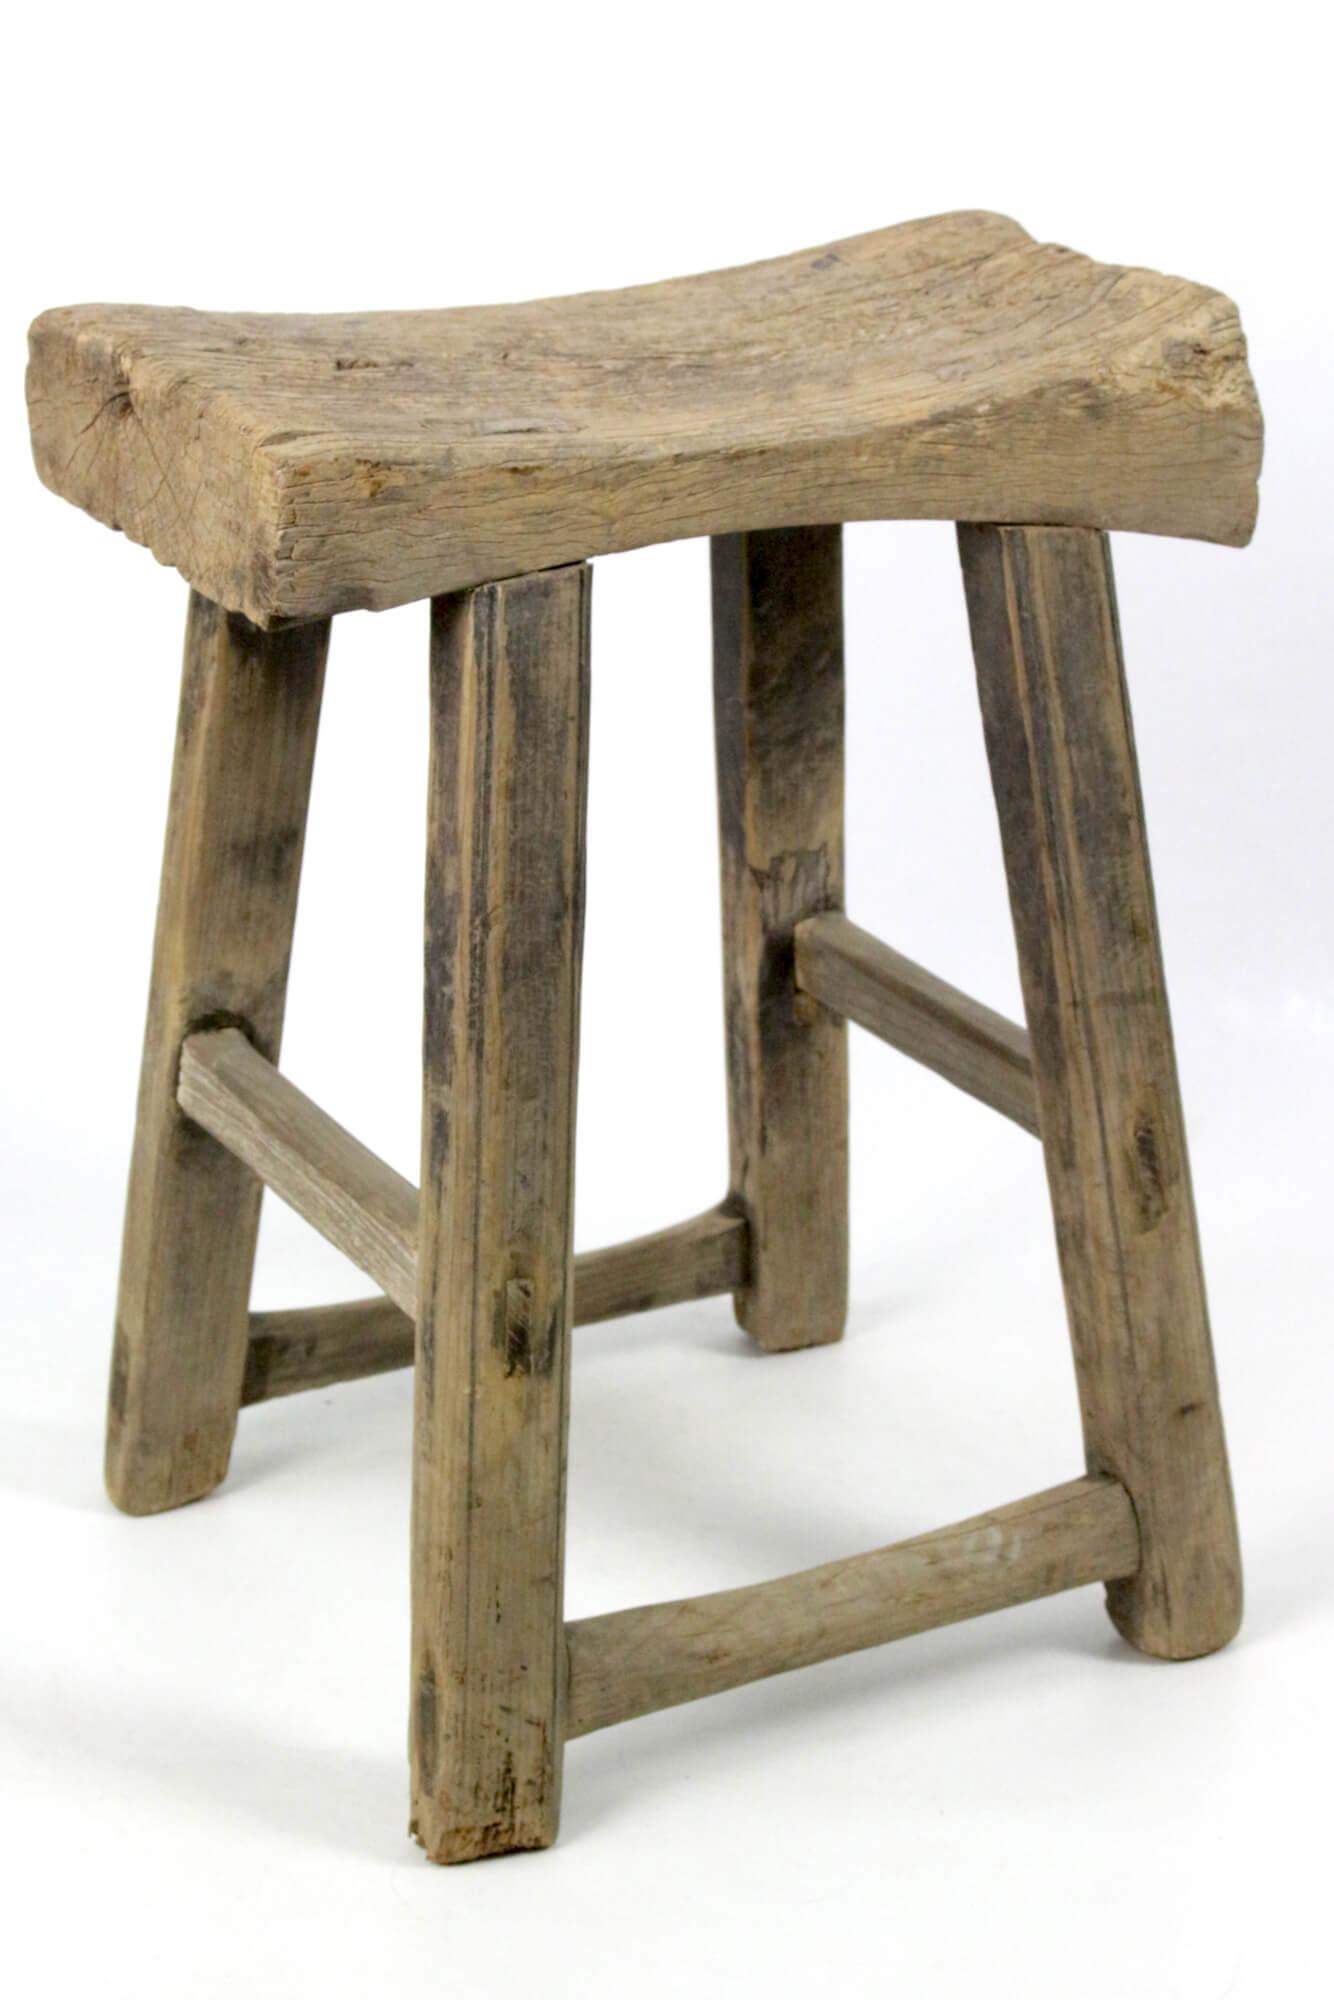 Chinesischer Hocker antik, Sattelform